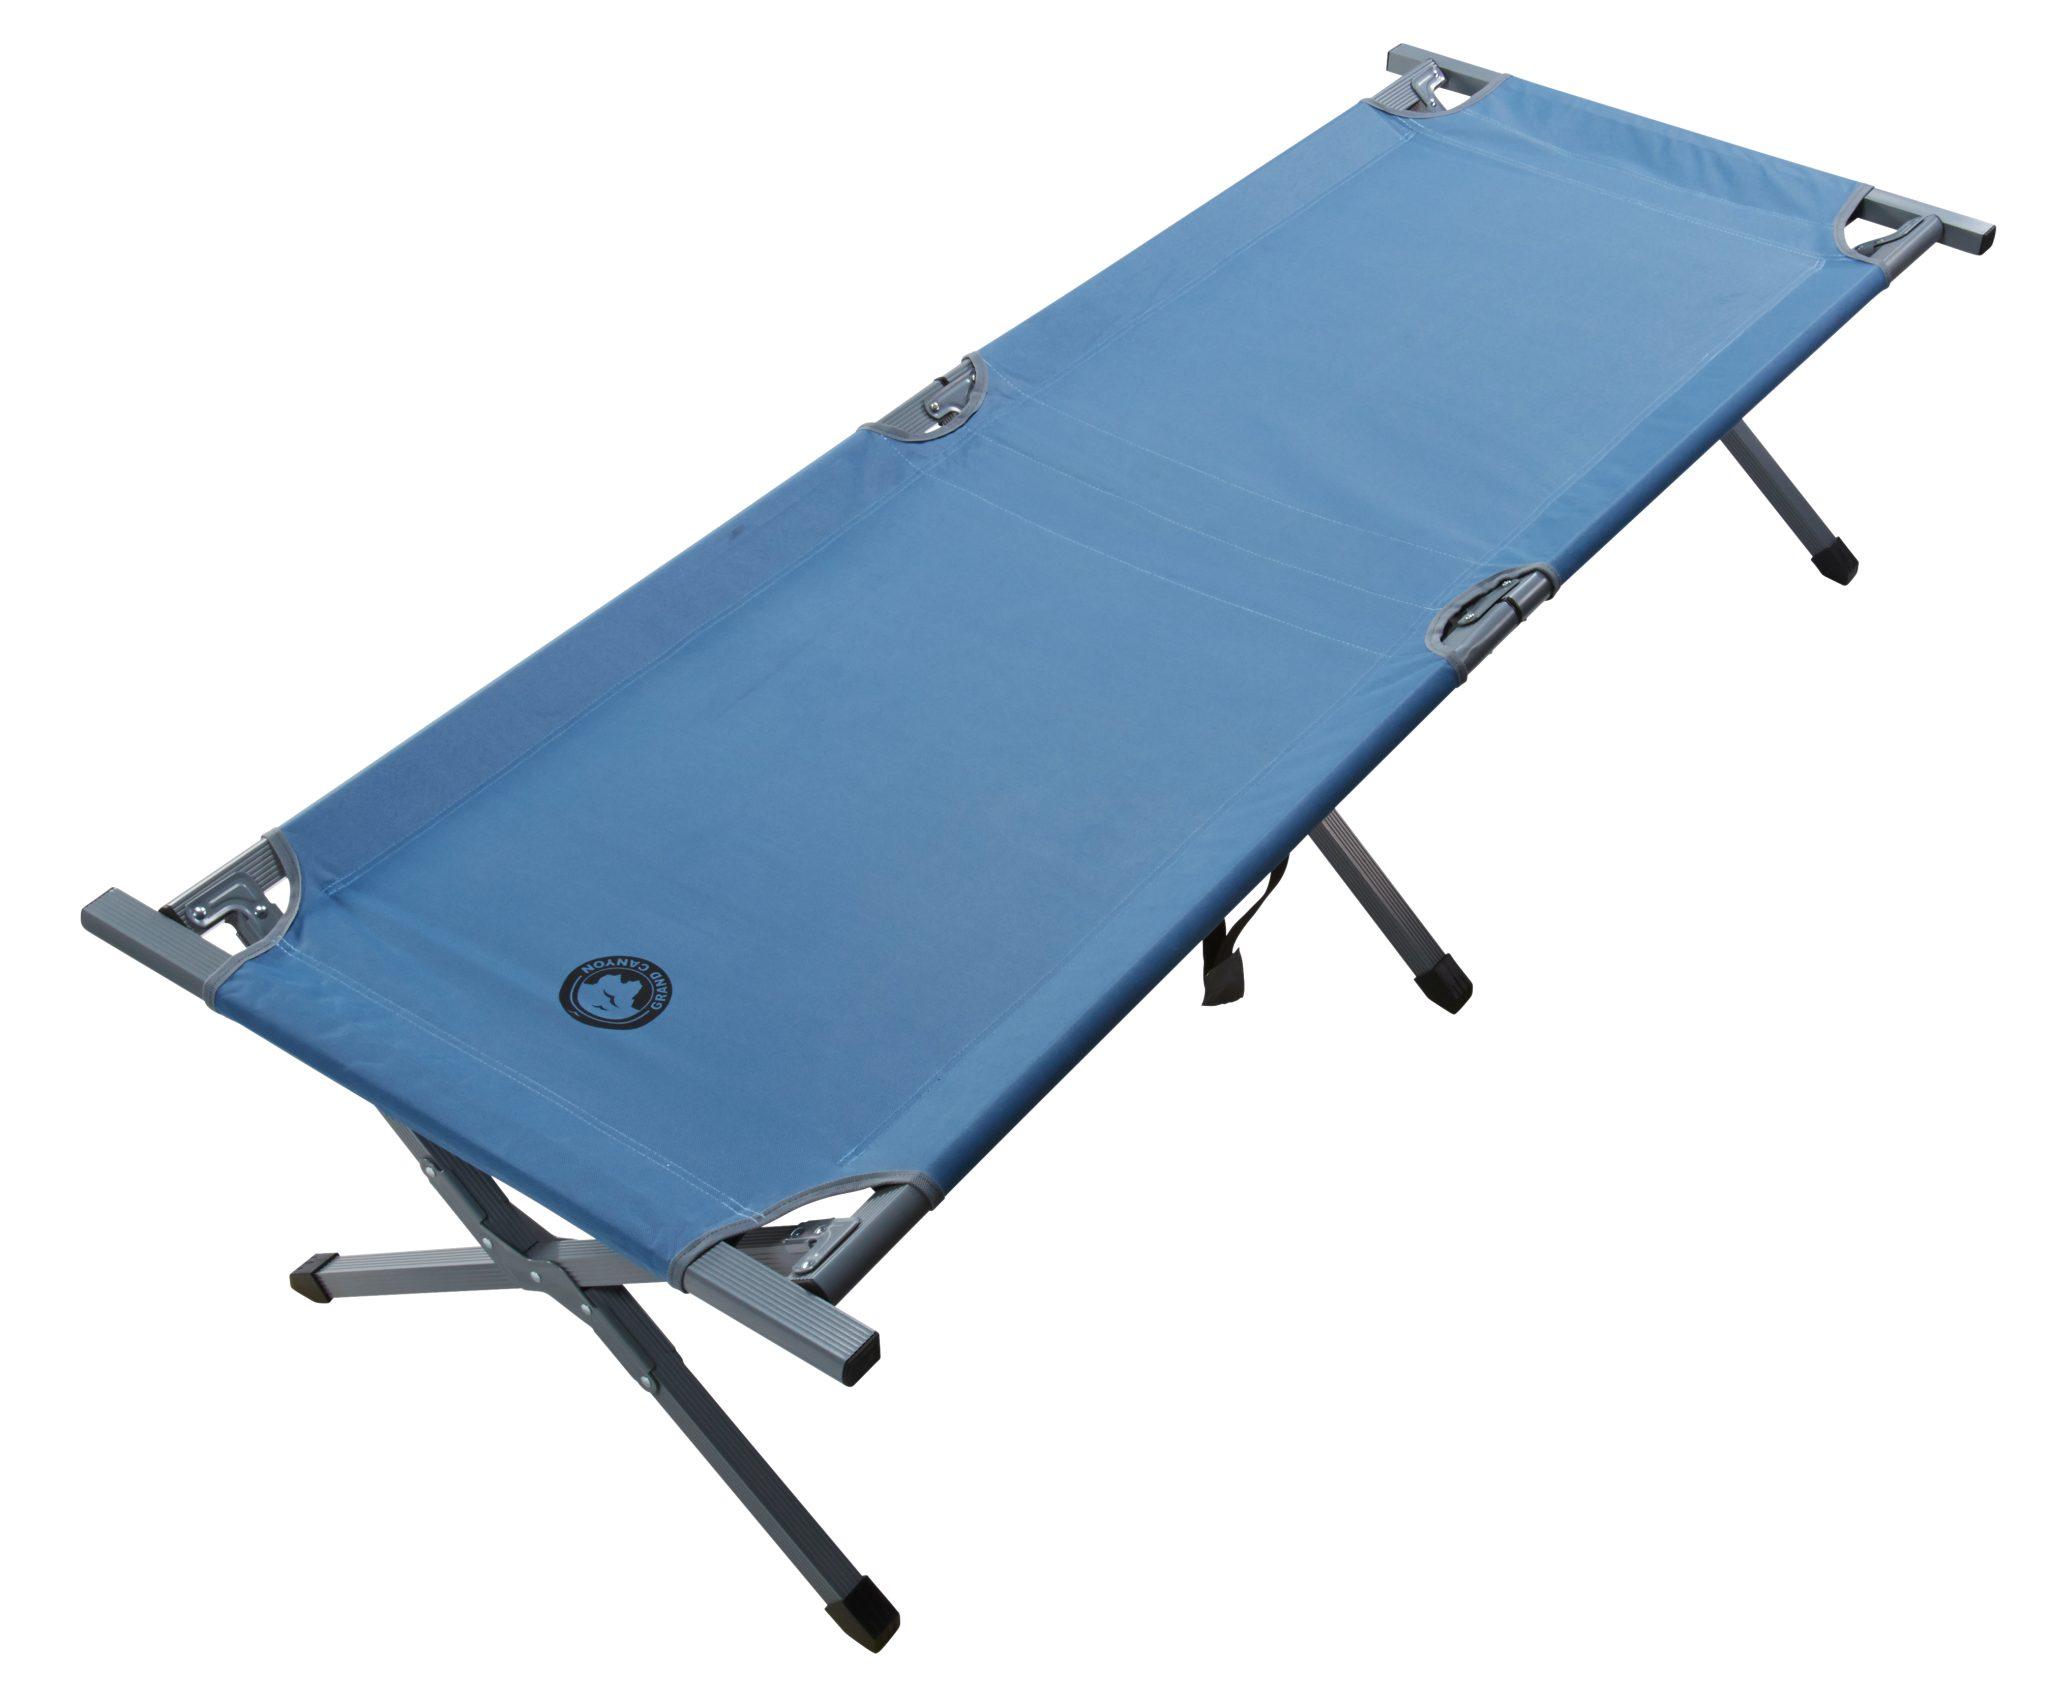 Grand Canyon Bett & Liegen »Alu Camping Bed Extra Strong L«